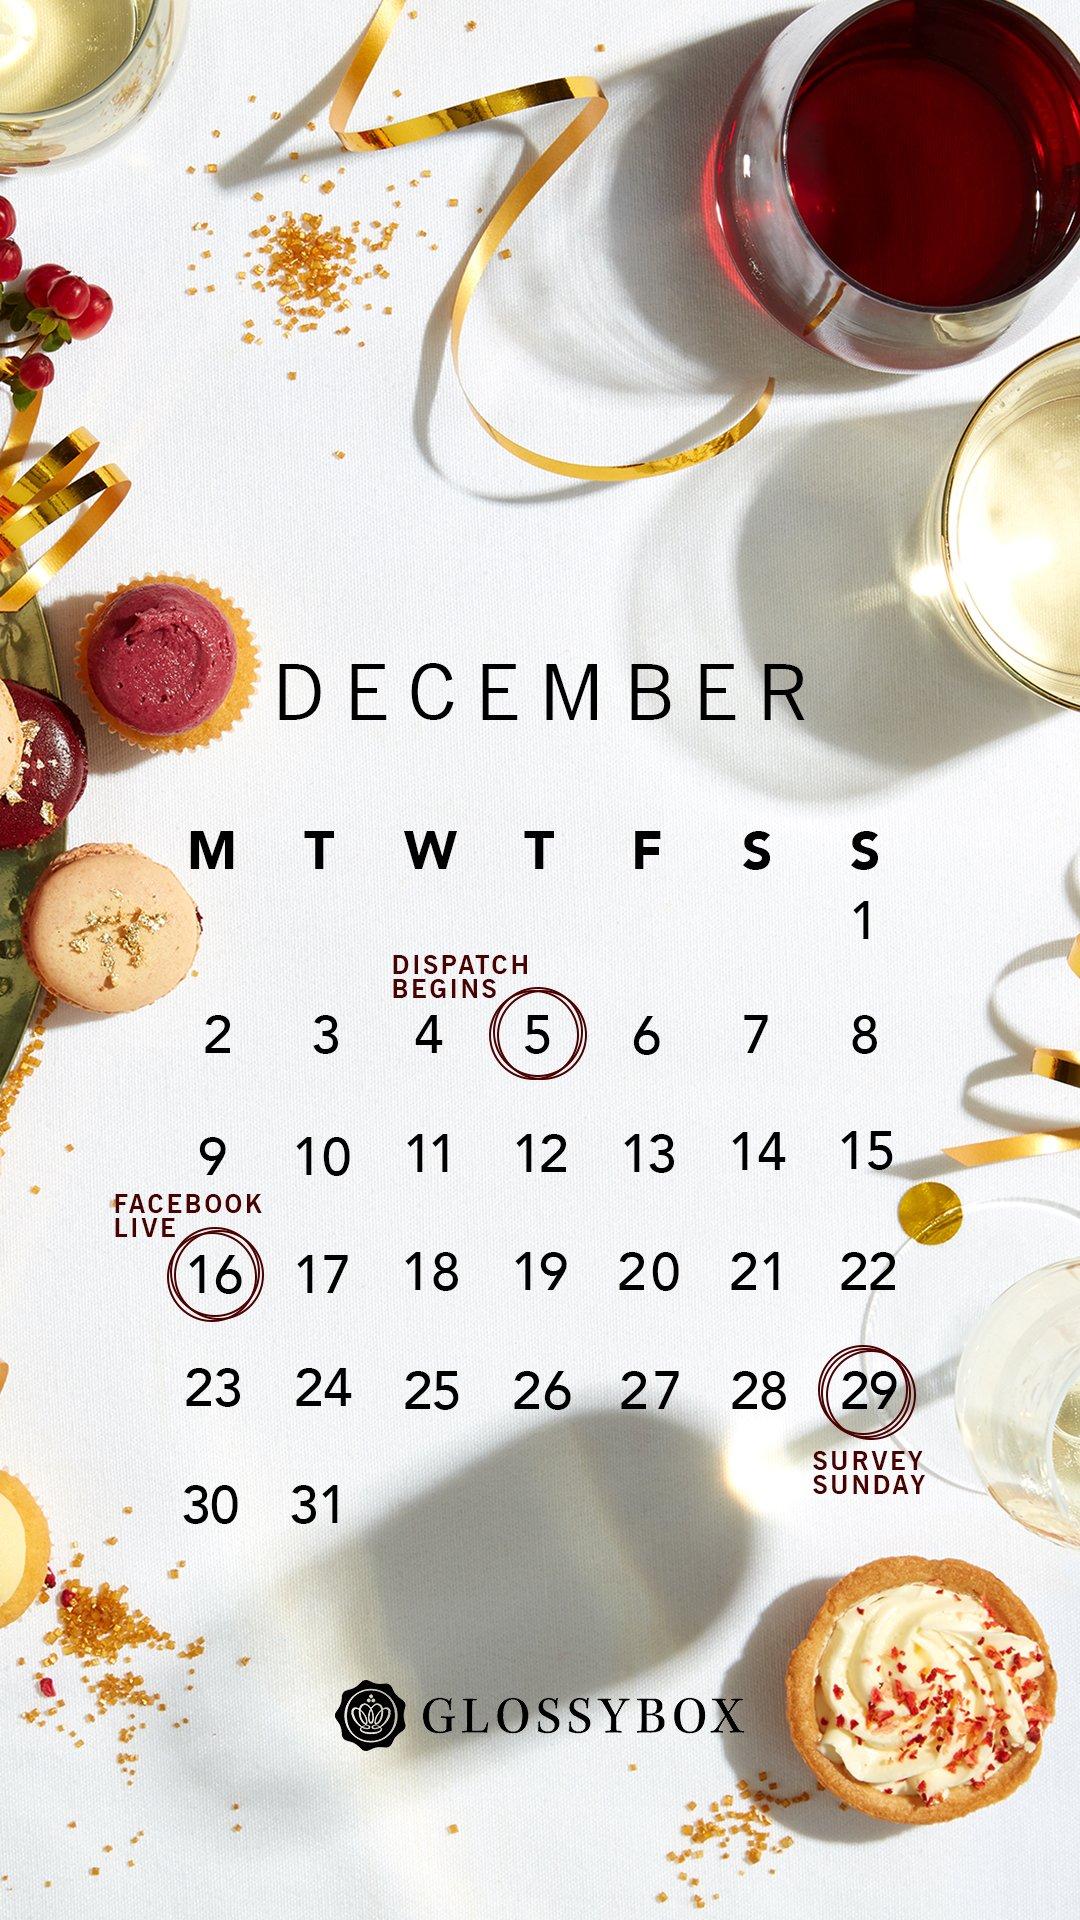 GLOSSYBOX December Calendar